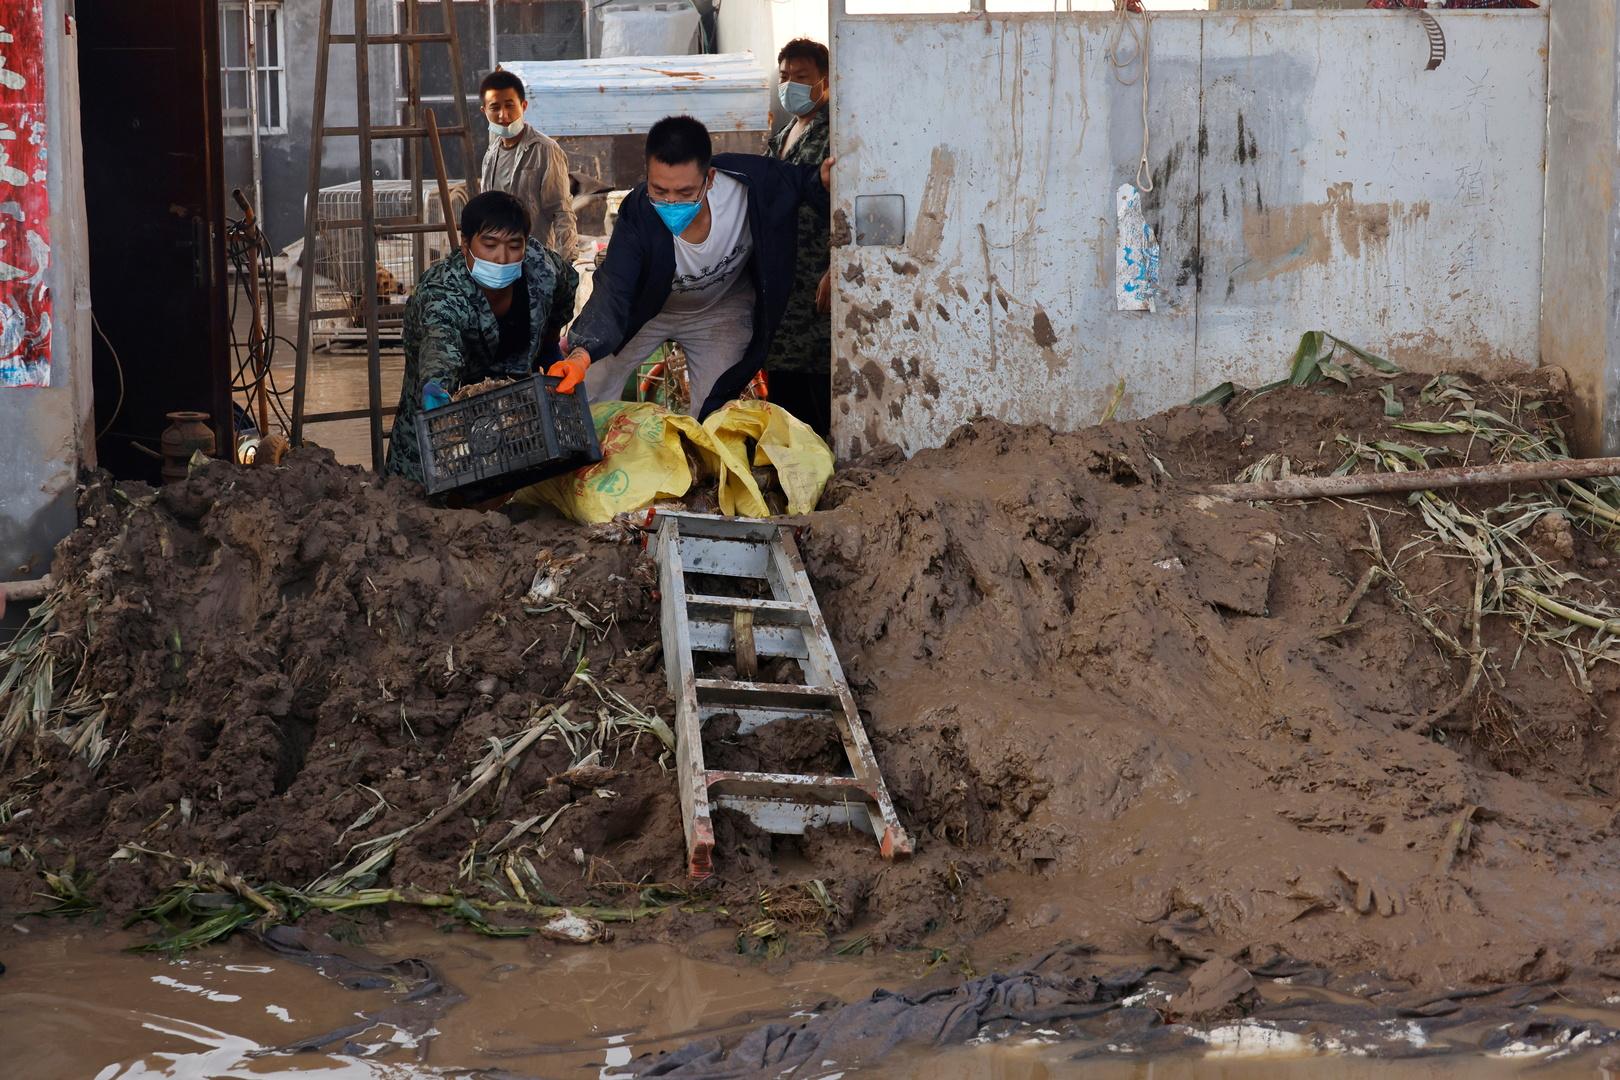 الفيضانات تشرد الآلاف بمخيمات الروهينغا في بنغلاديش